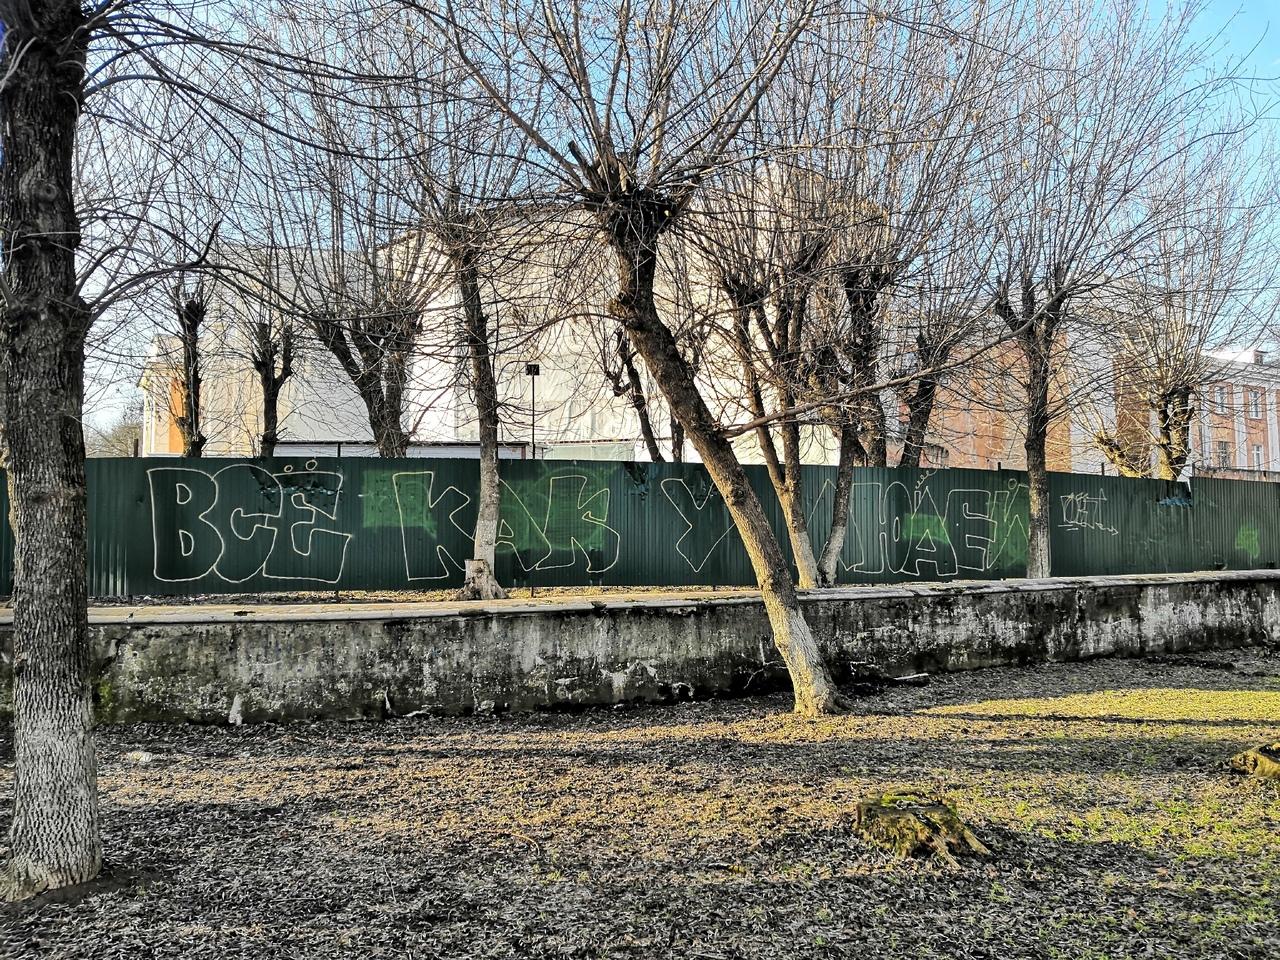 В Твери обсуждают авторство цитаты, написанной на заборе